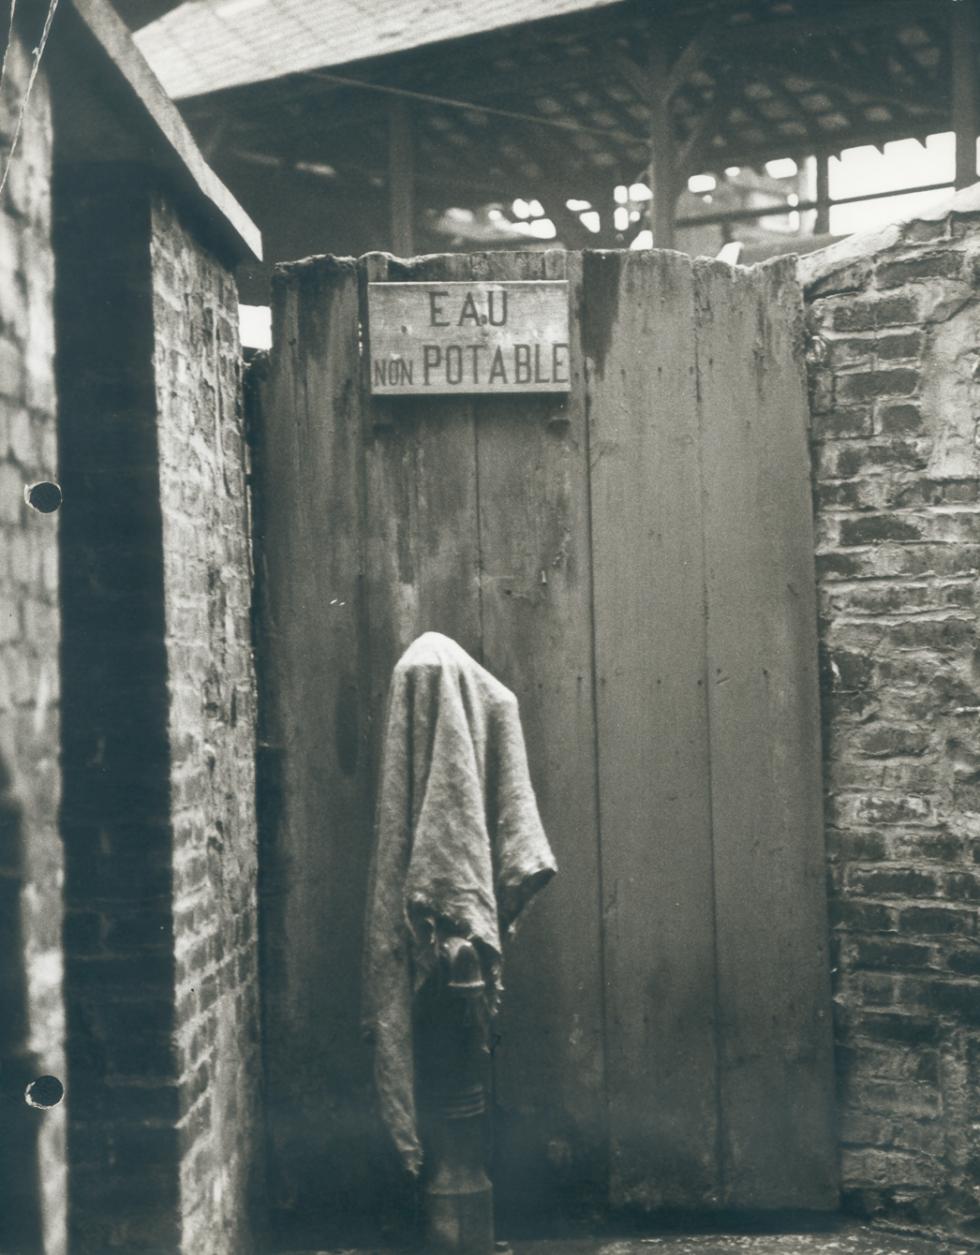 Les épidémies de choléra au XIX ème siècle dans le canton d' Elbeuf. Une conférence de Pierre Largesse à la Fabrique des savoirs, Auditorium rue Oursel